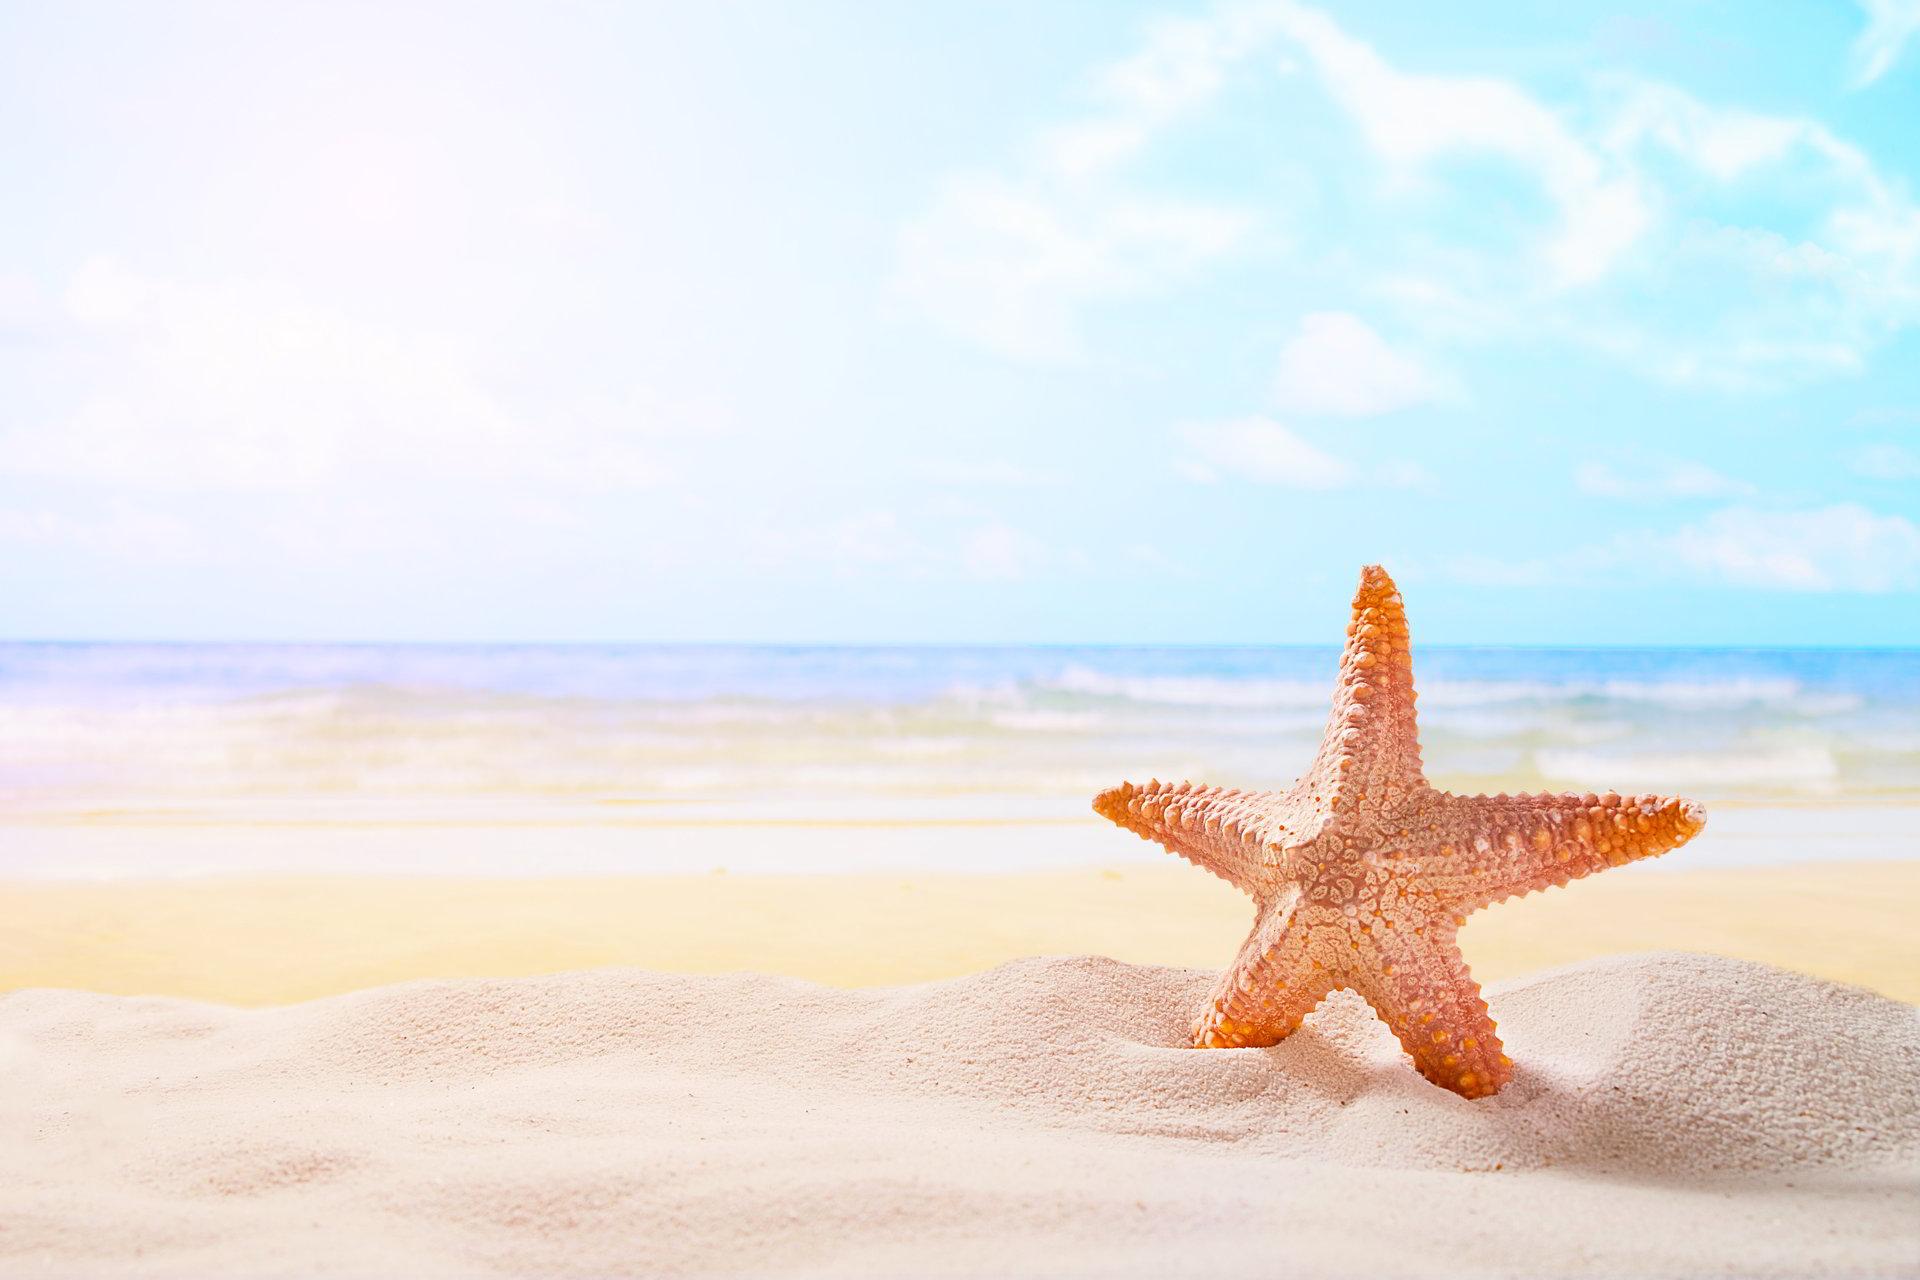 hình ảnh sao biển đẹp